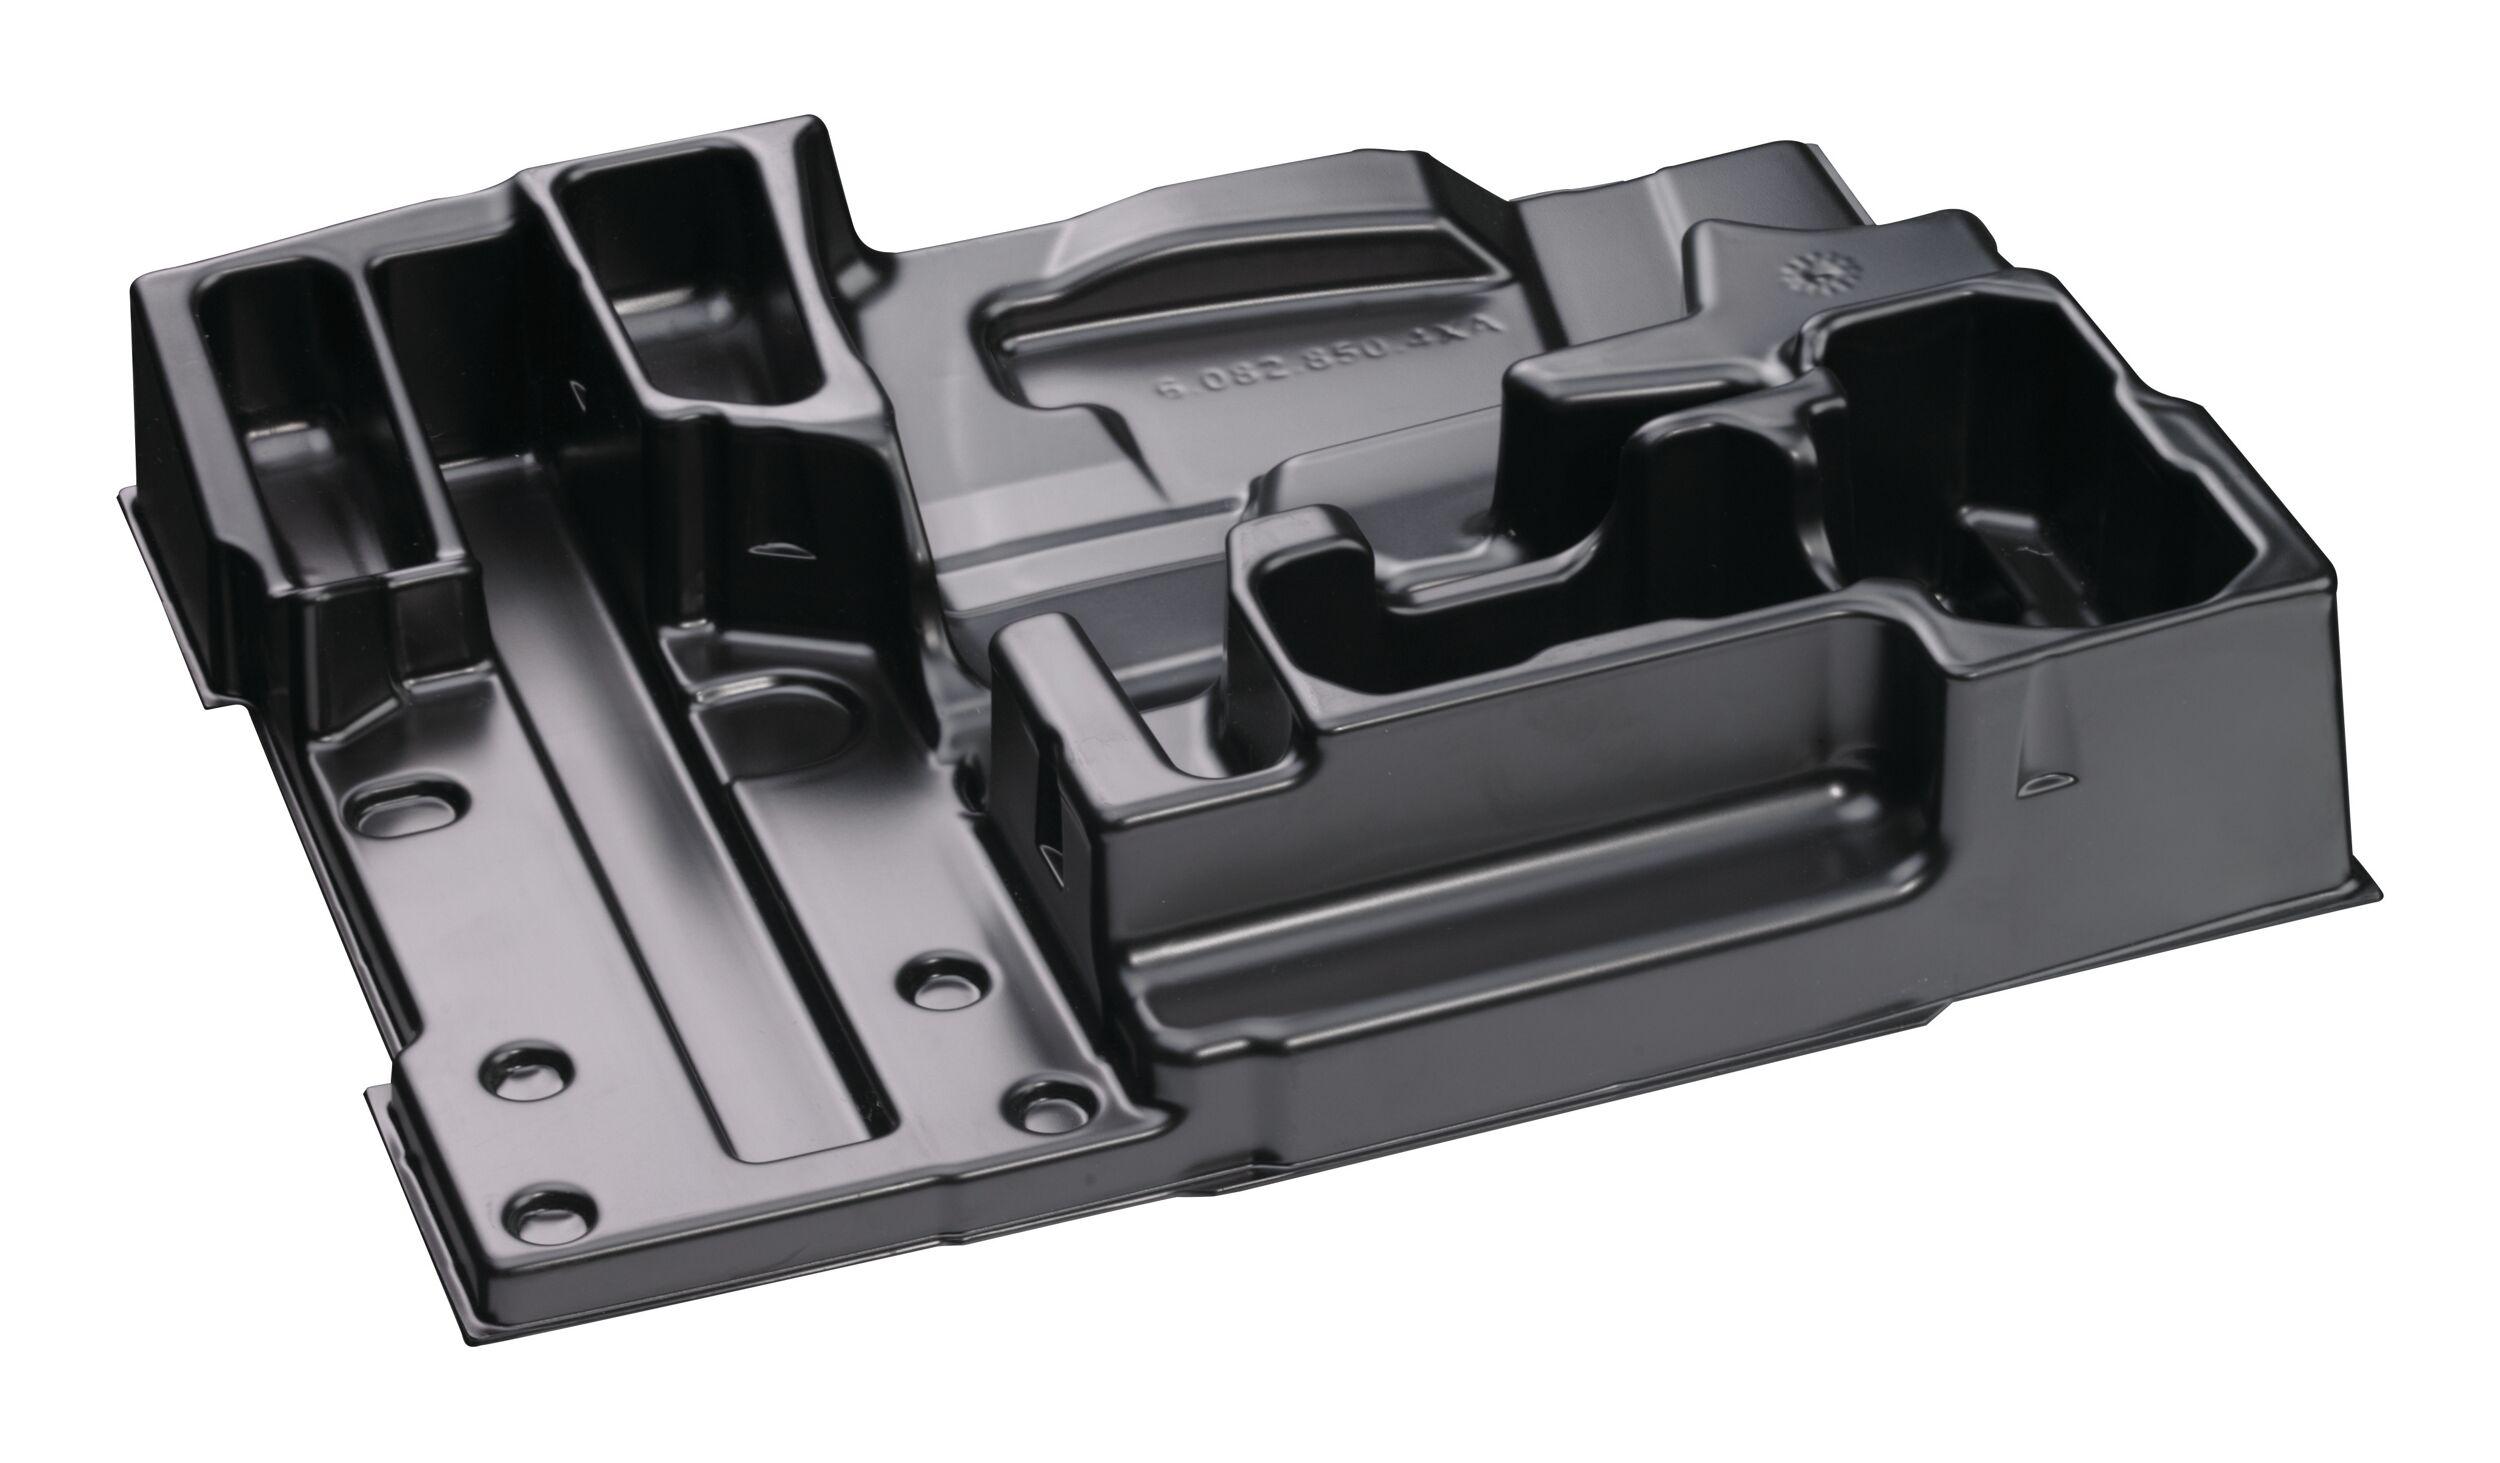 Blau Professional Einlage zur Werkzeugaufbewahrung für GST 14.4 /... 1600A002WG